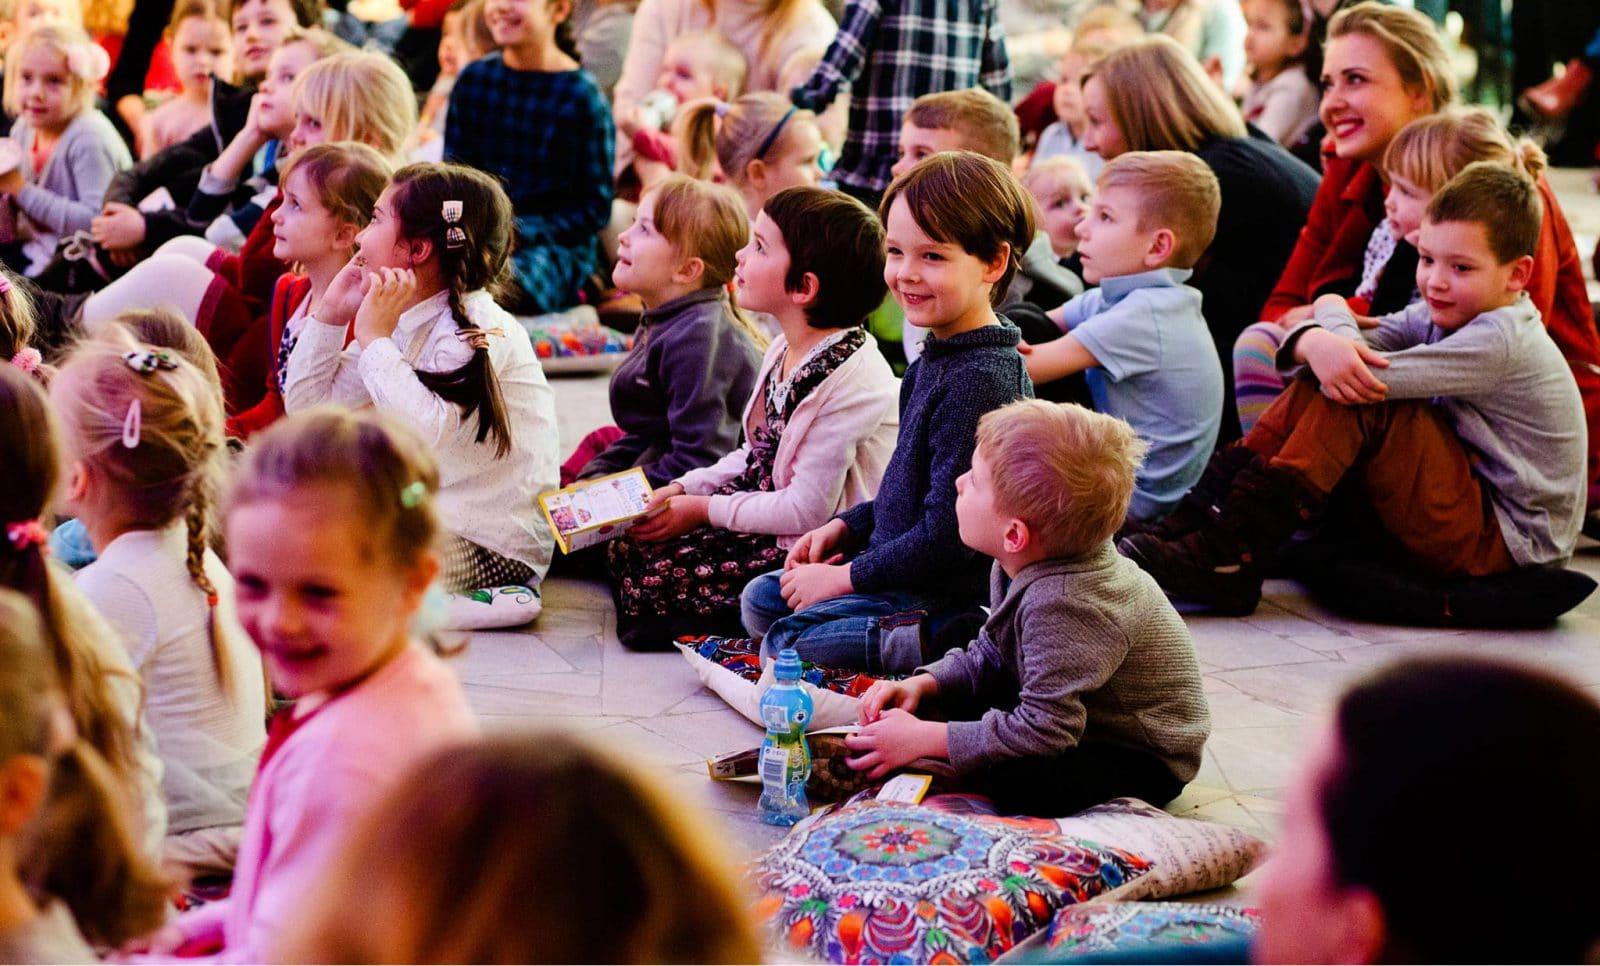 Każdy koncert ma przemyślany scenariusz, powtarzamy dla oswojenia dzieci z językiem sztuki kilka wybranych nowych wyrazów podczas koncertów, by stawały się częścią ich języka.